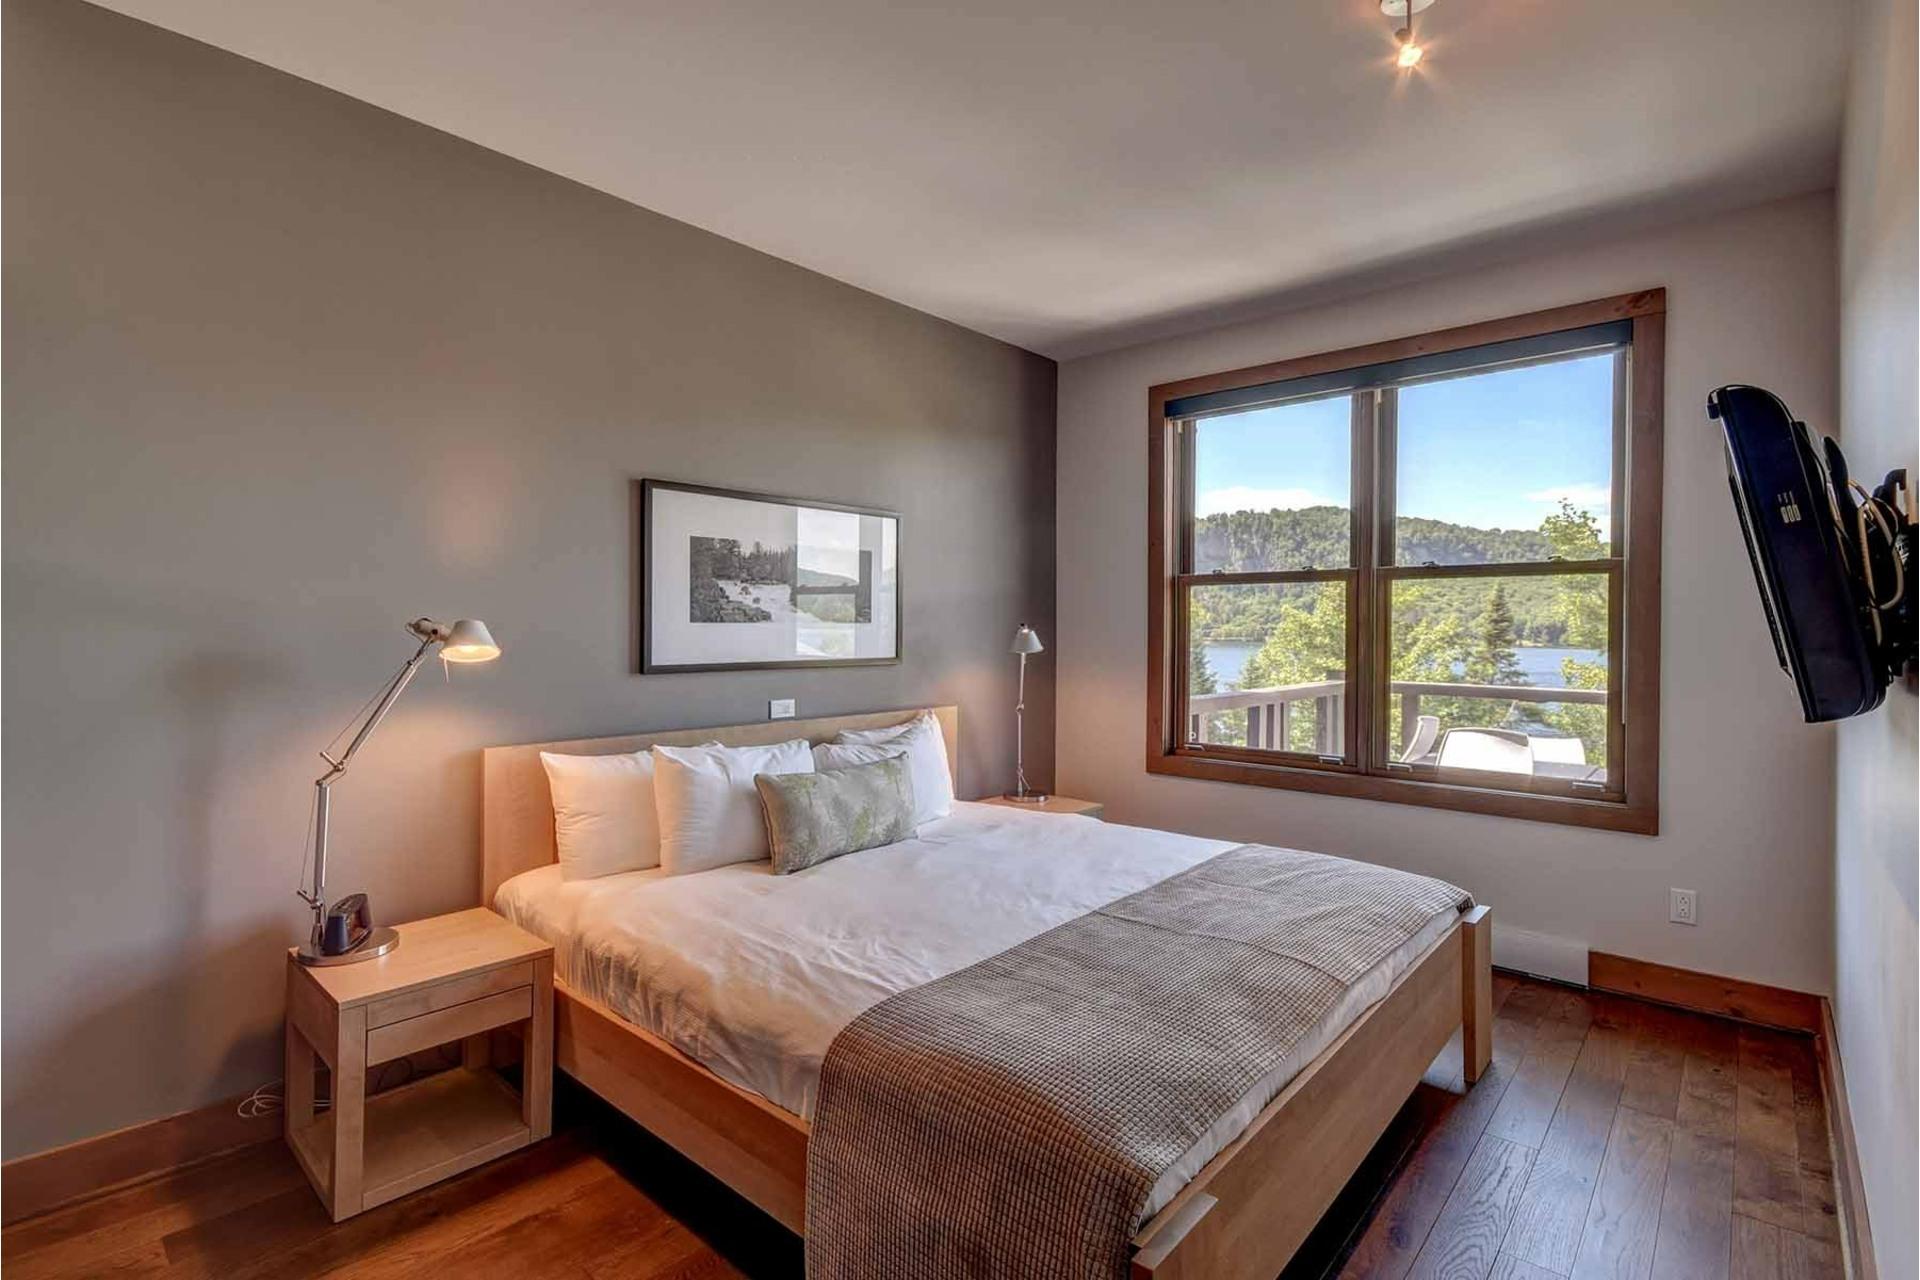 image 2 - Appartement À vendre Lac-Supérieur - 6 pièces